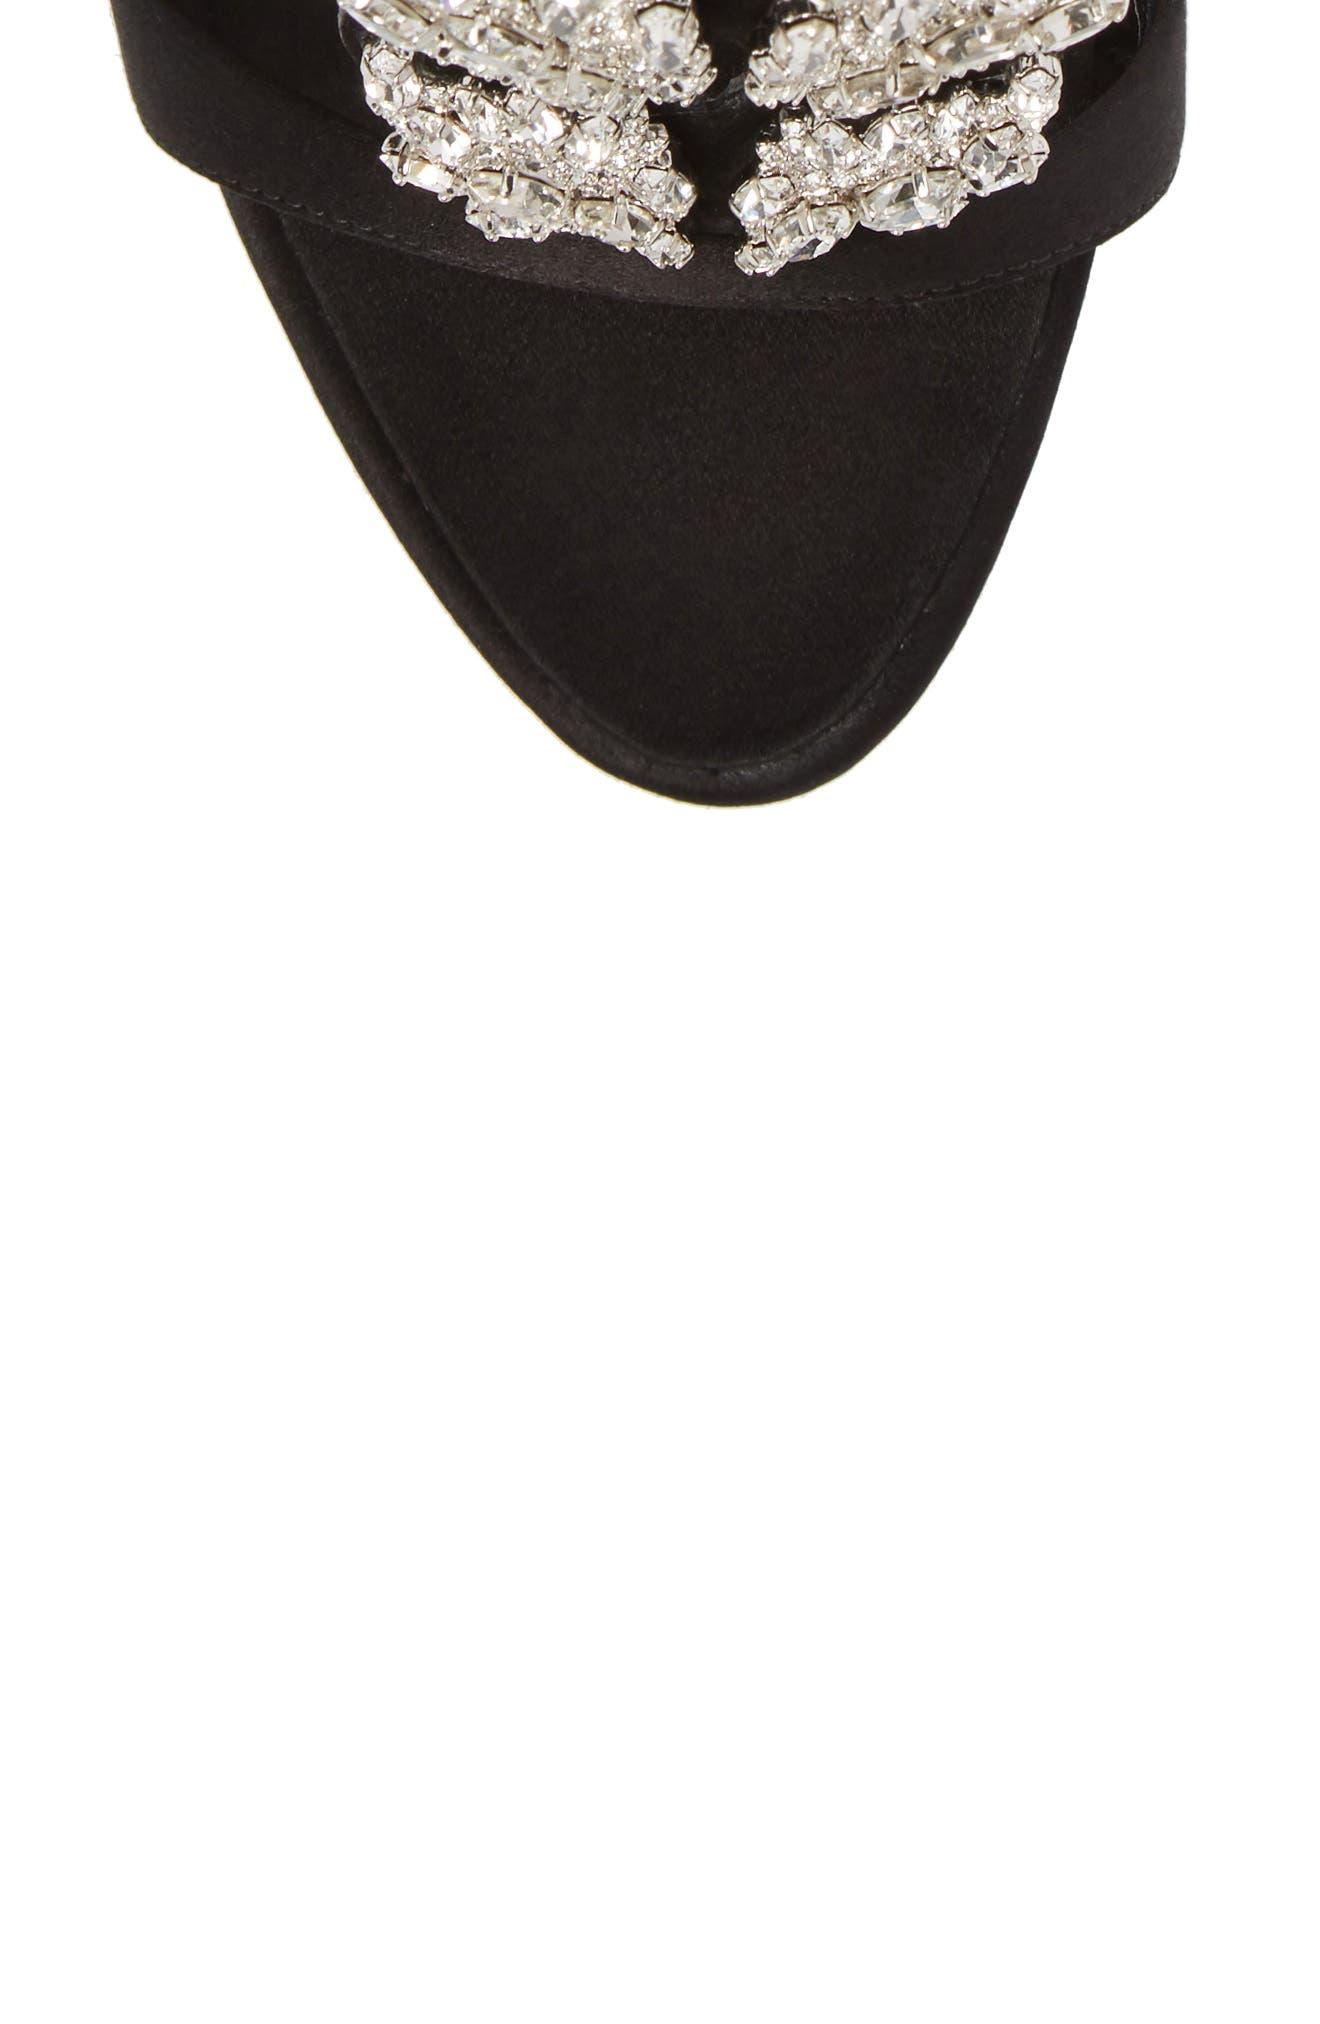 Cruel Wing Crystal Embellished Sandal,                             Alternate thumbnail 5, color,                             Black/ Crystal